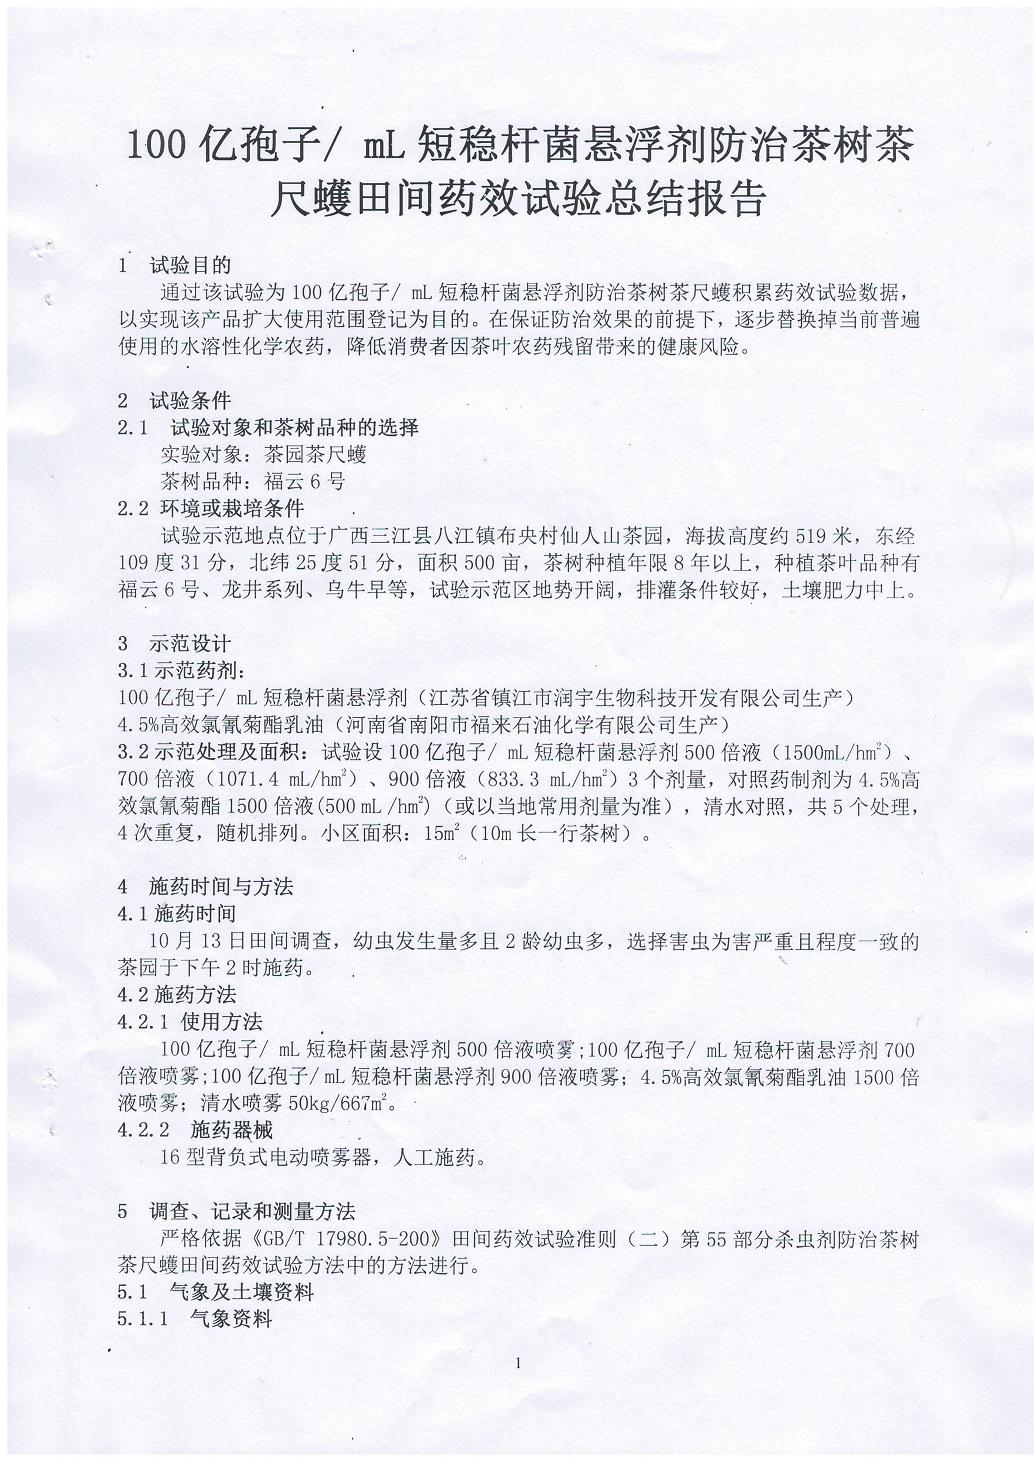 2017广西三江茶尺蠖试验报告